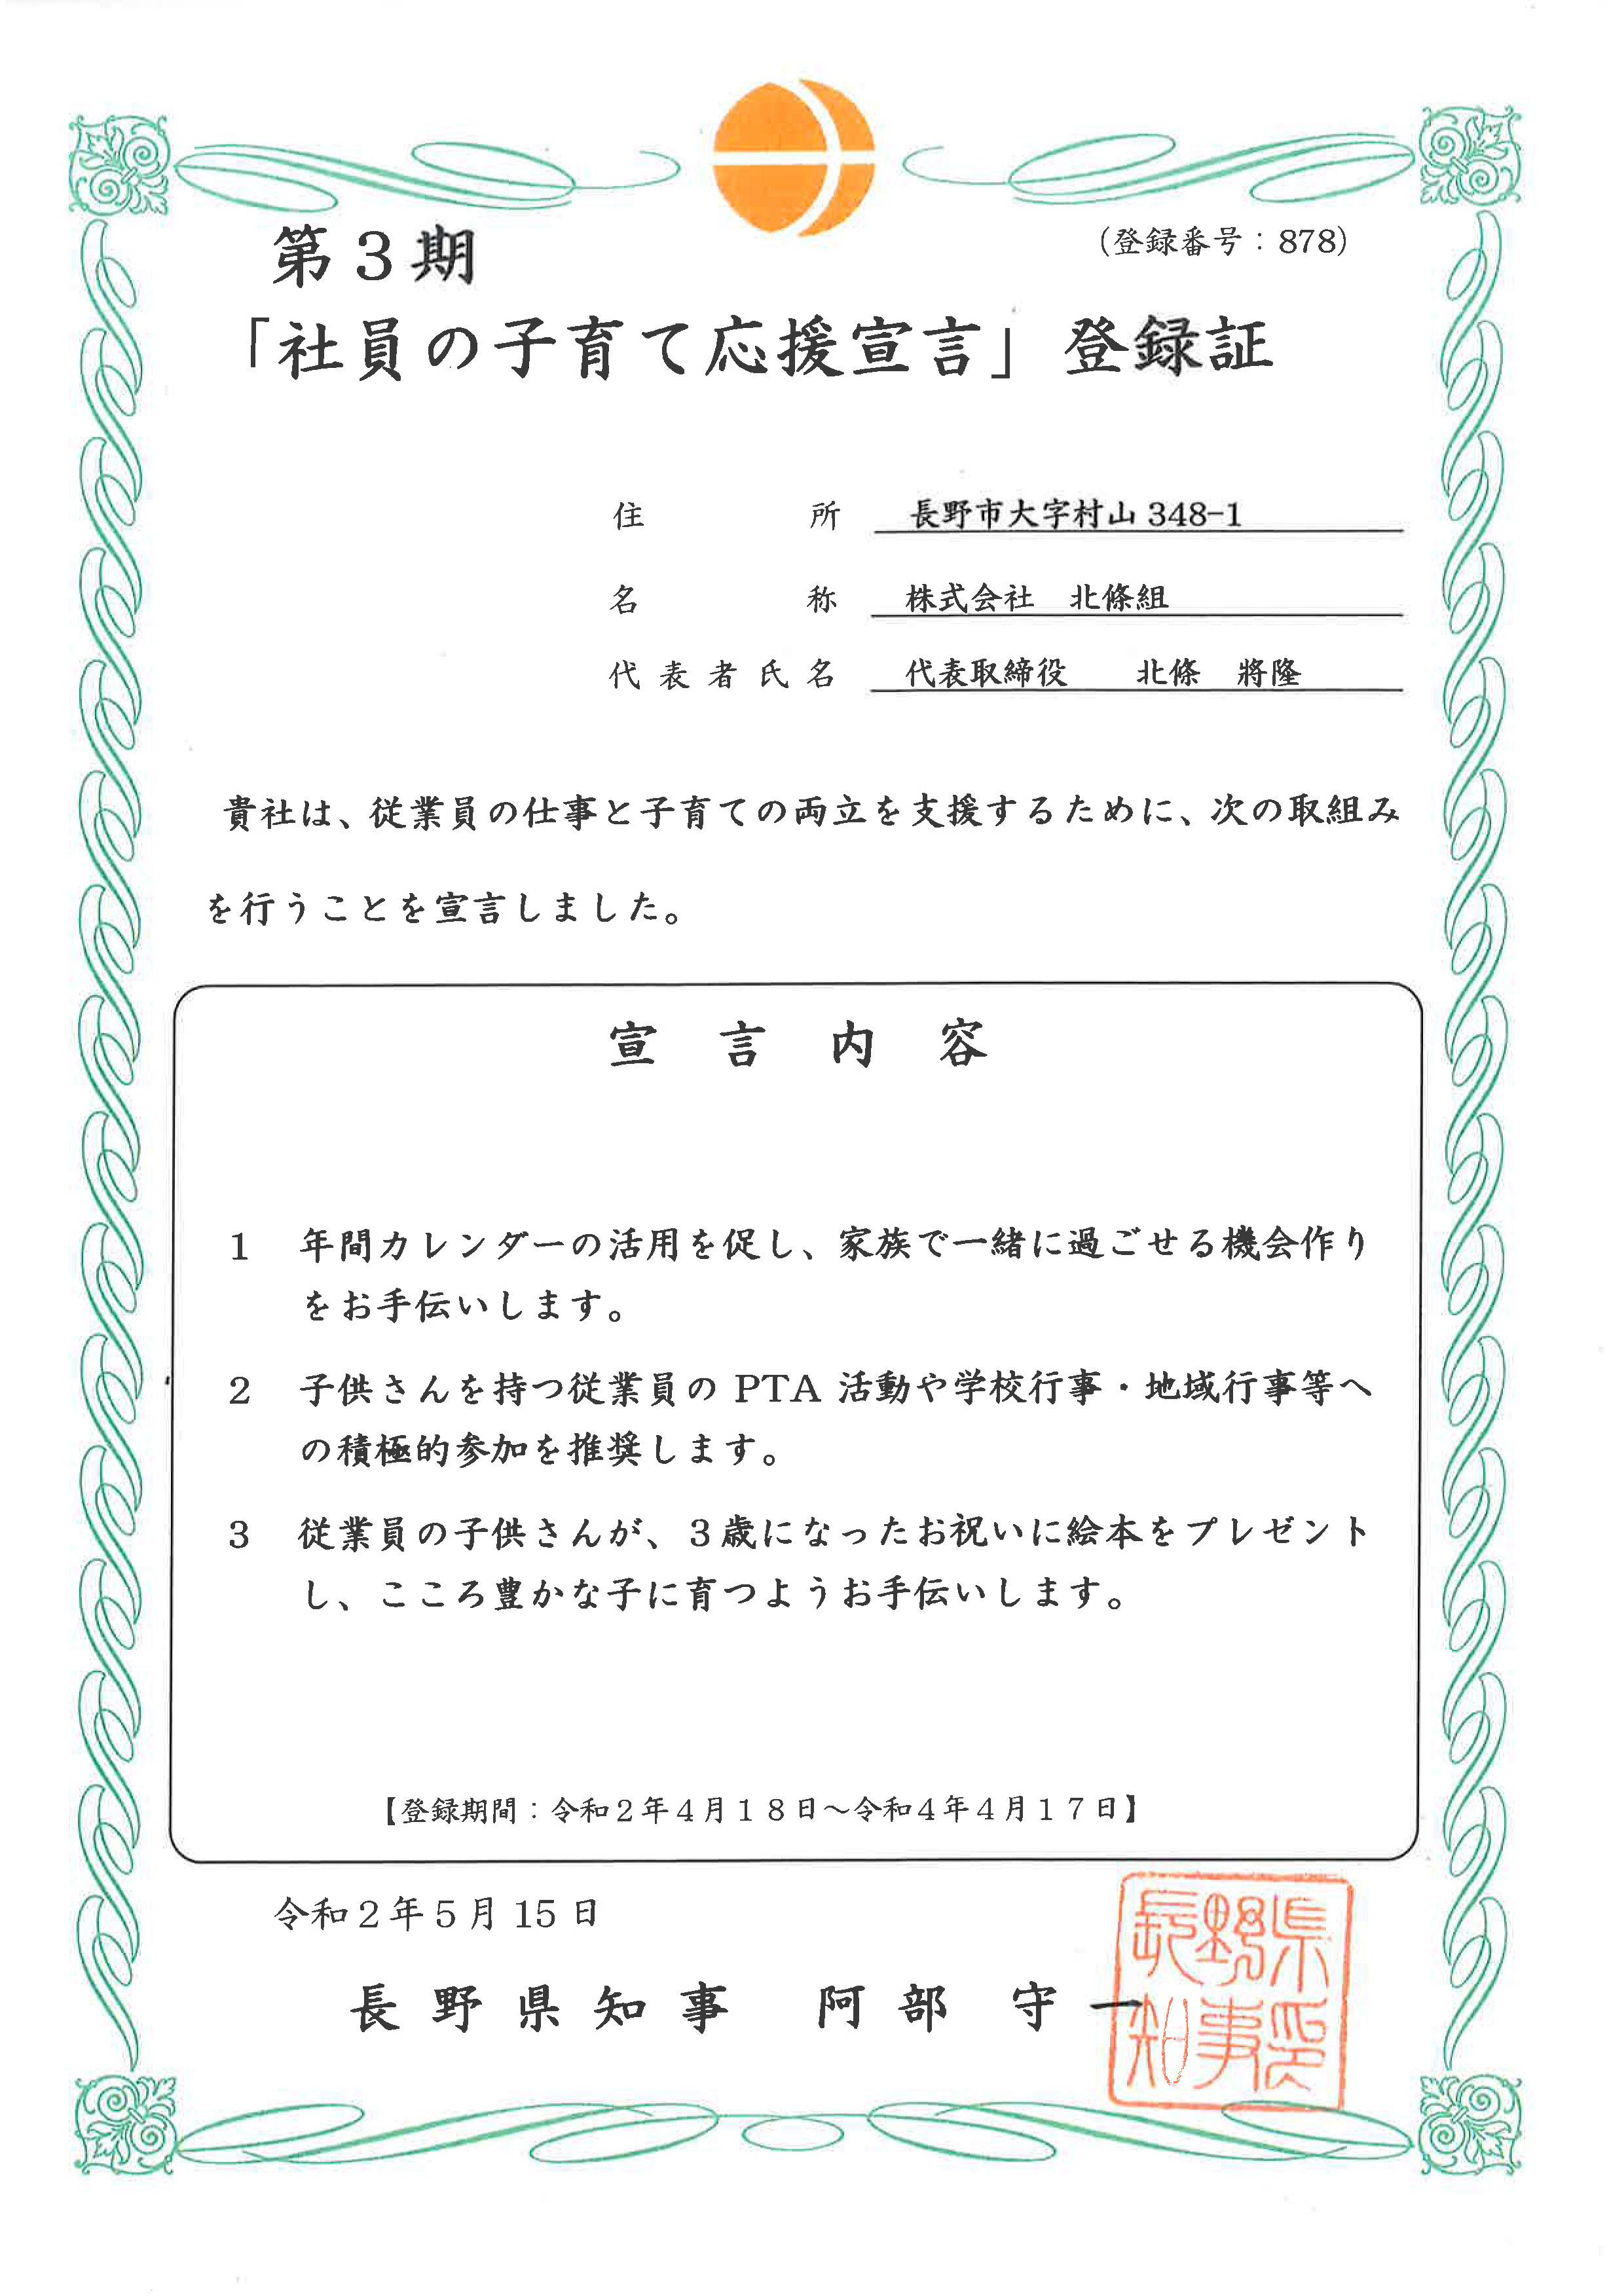 社員の子育て応援宣言登録証